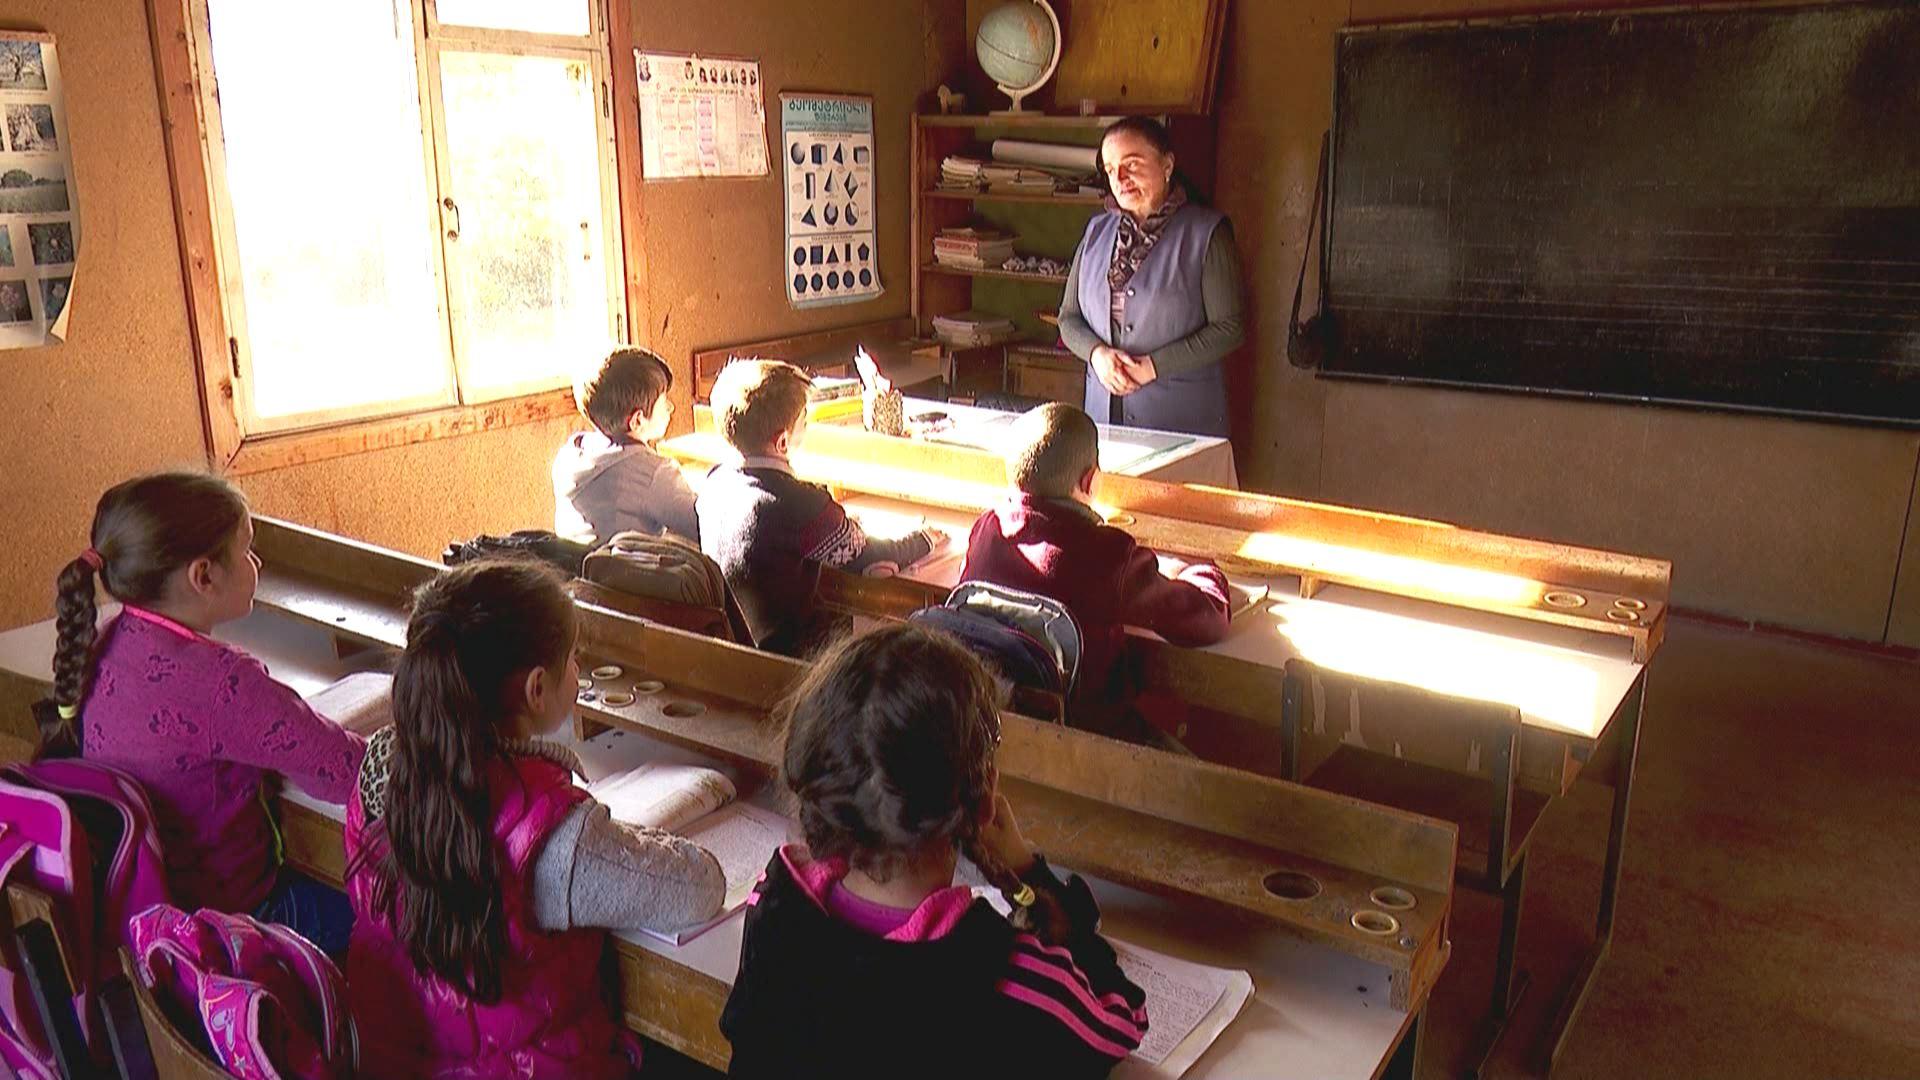 ქობულეთის 4 სკოლის ინფრასტრუქტურა